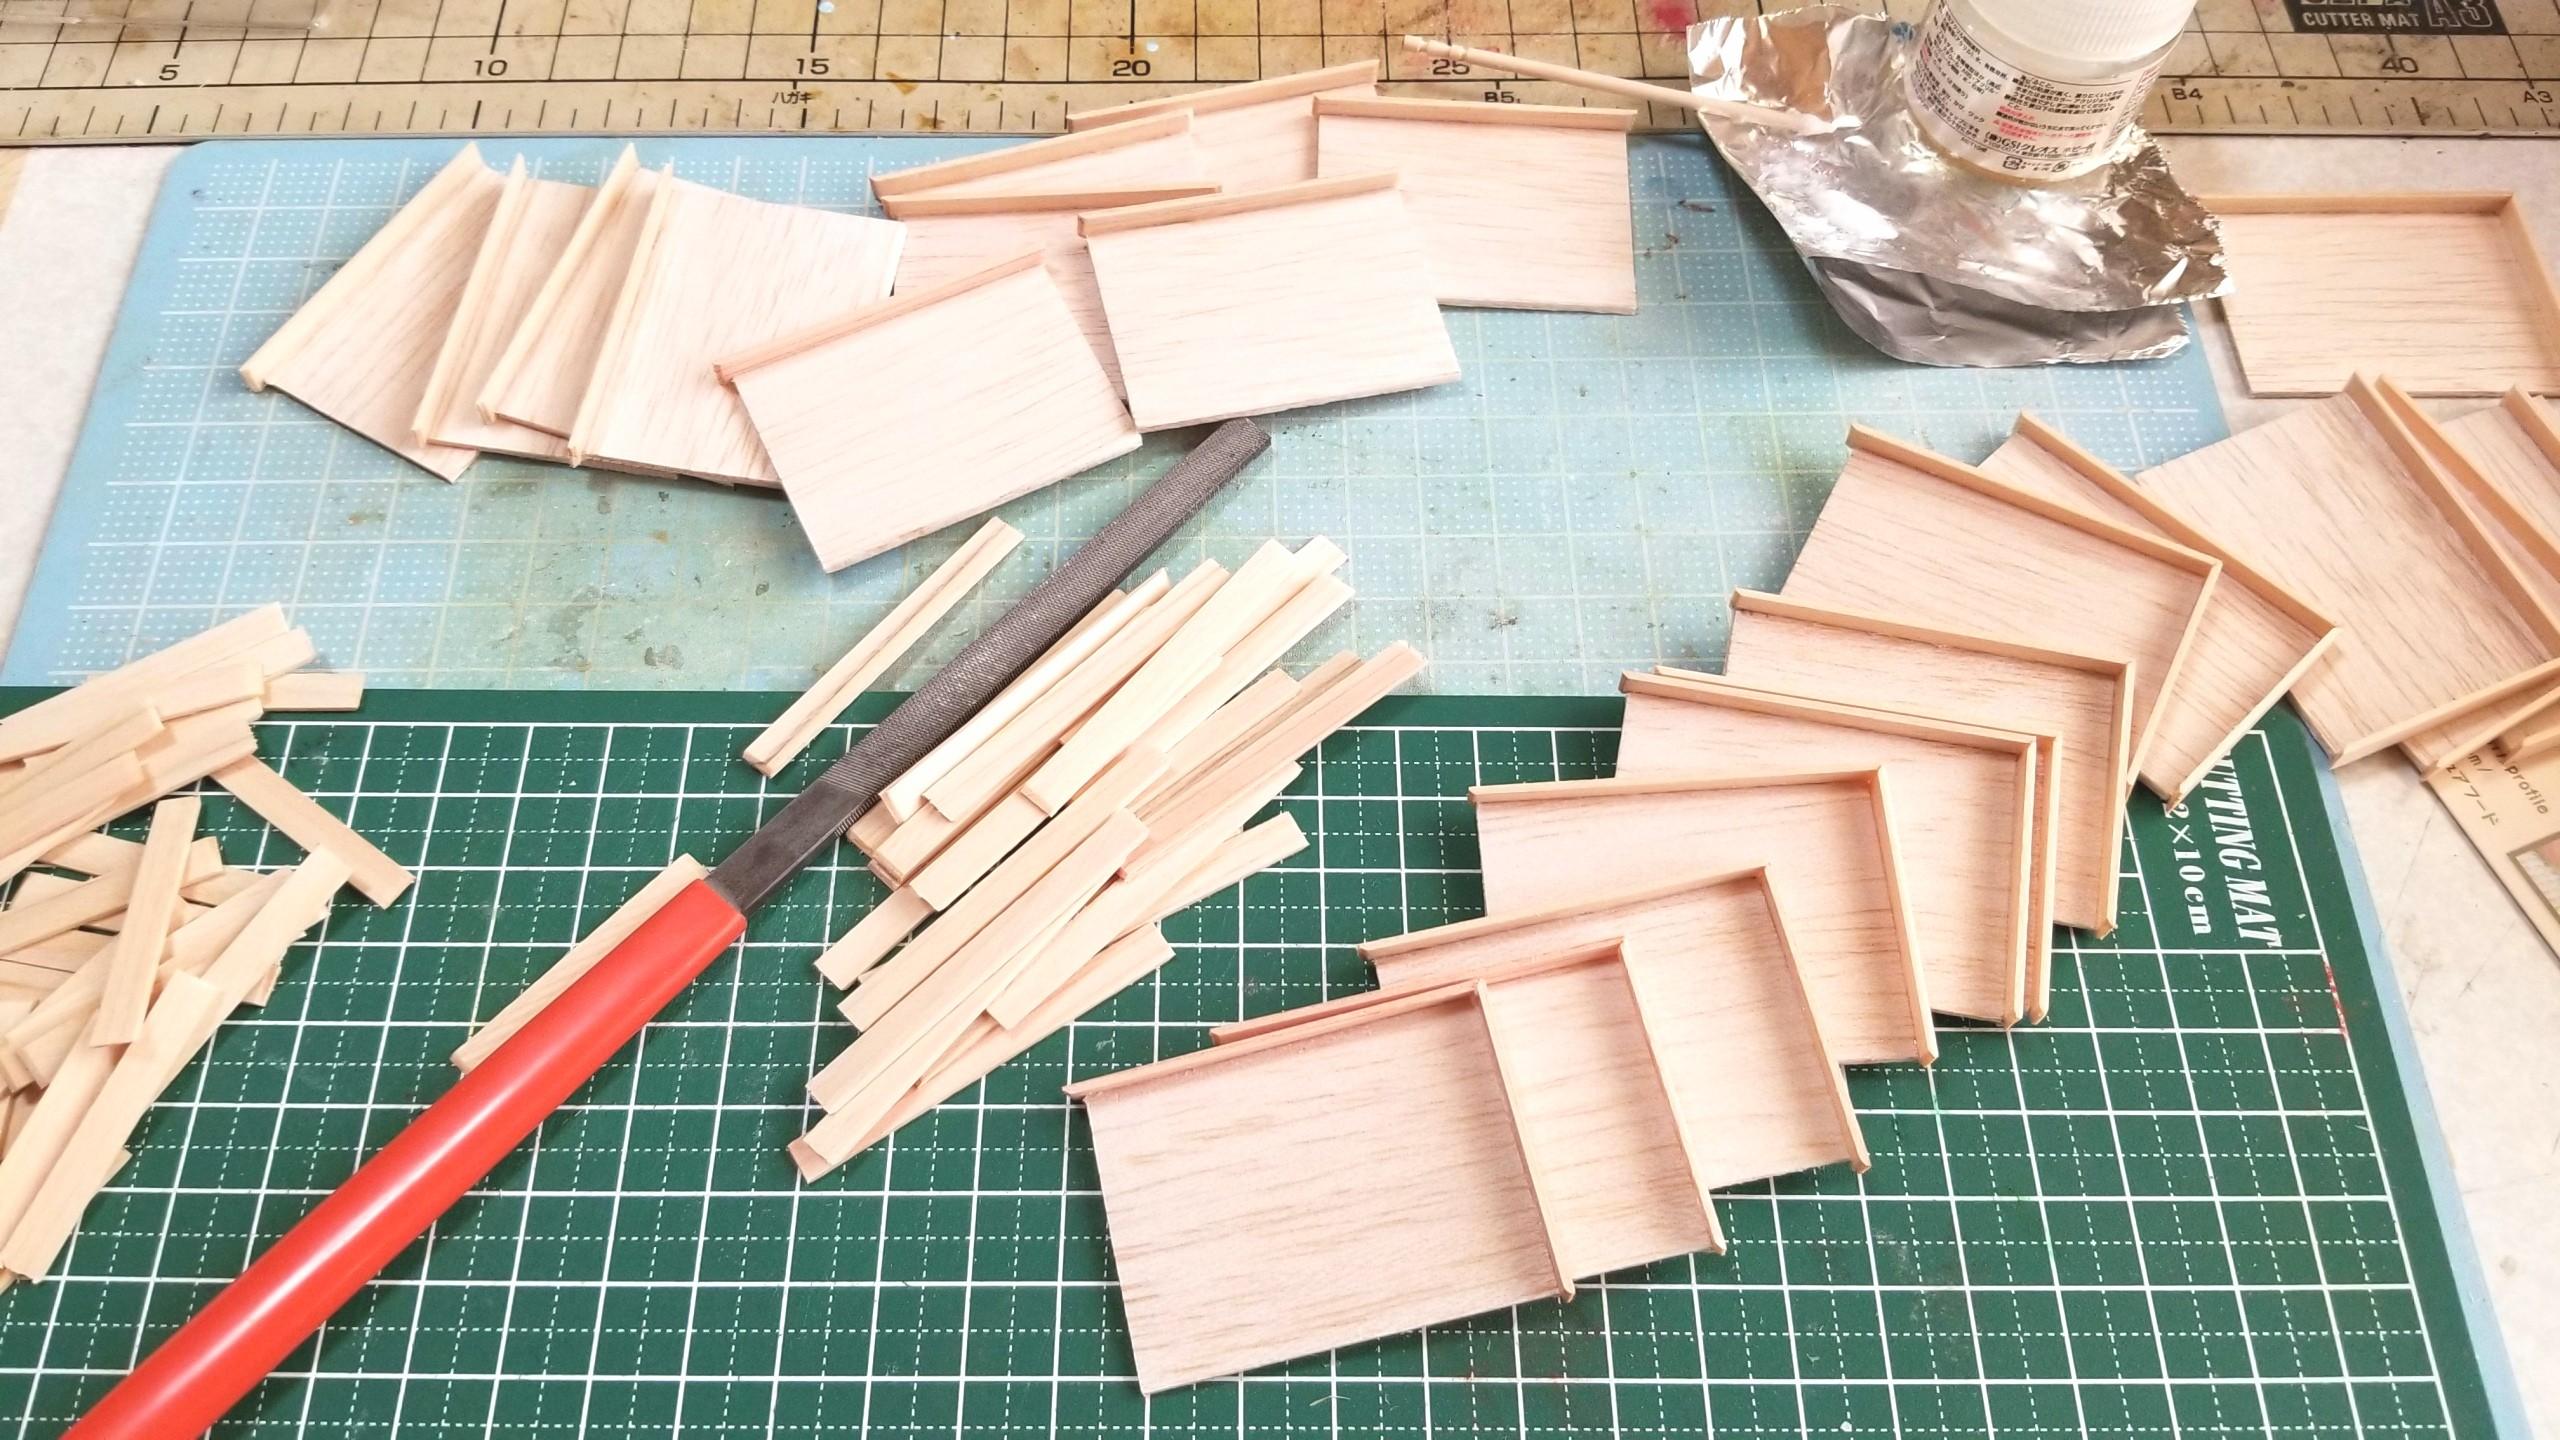 おぼん,作り方,ミニチュア,ひのき,桧,木材,木工作業,ドールハウス